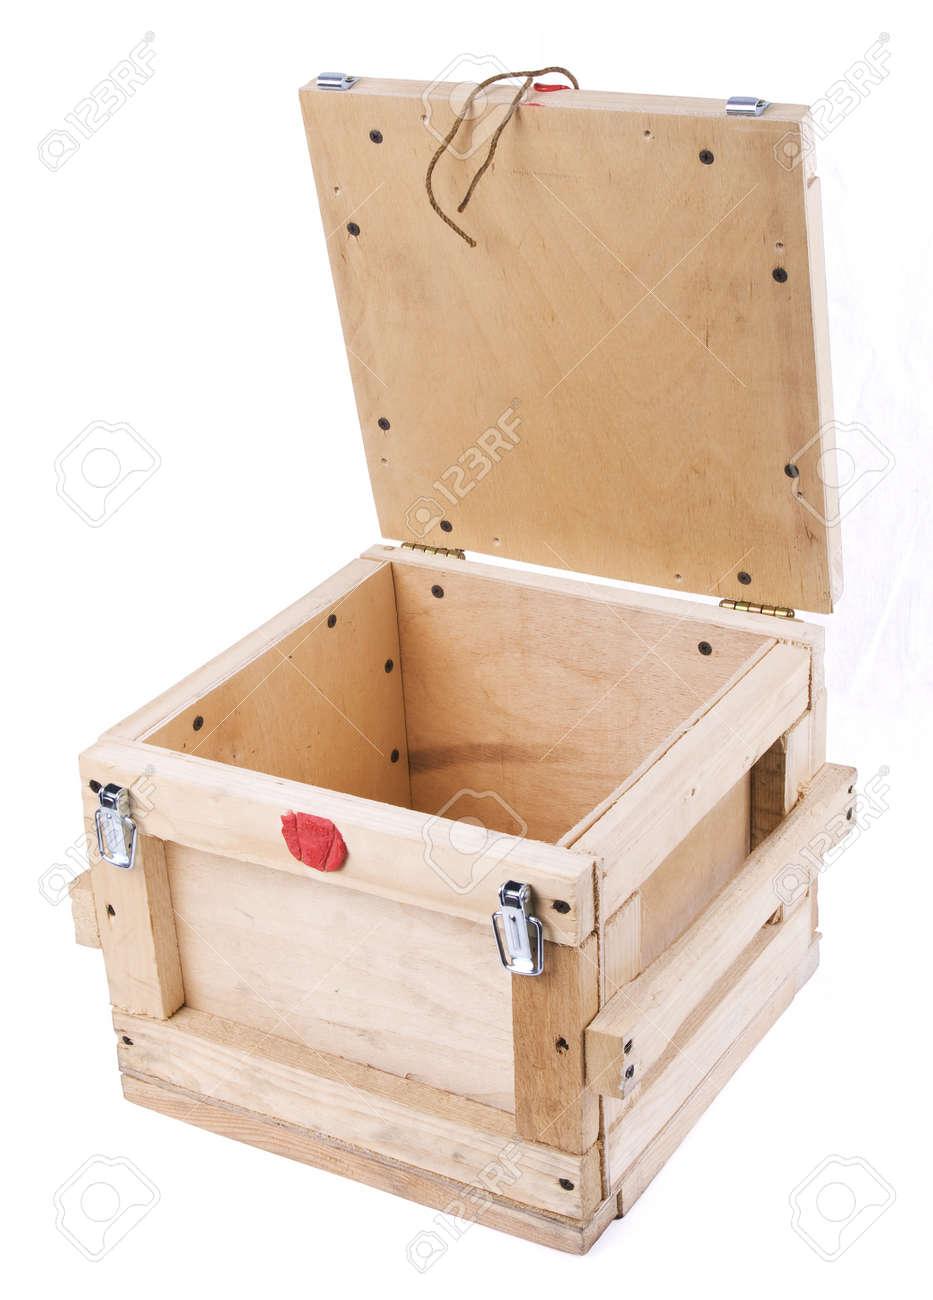 Holz Briefkasten Auf Dem Weißen Hintergrund Lizenzfreie Fotos